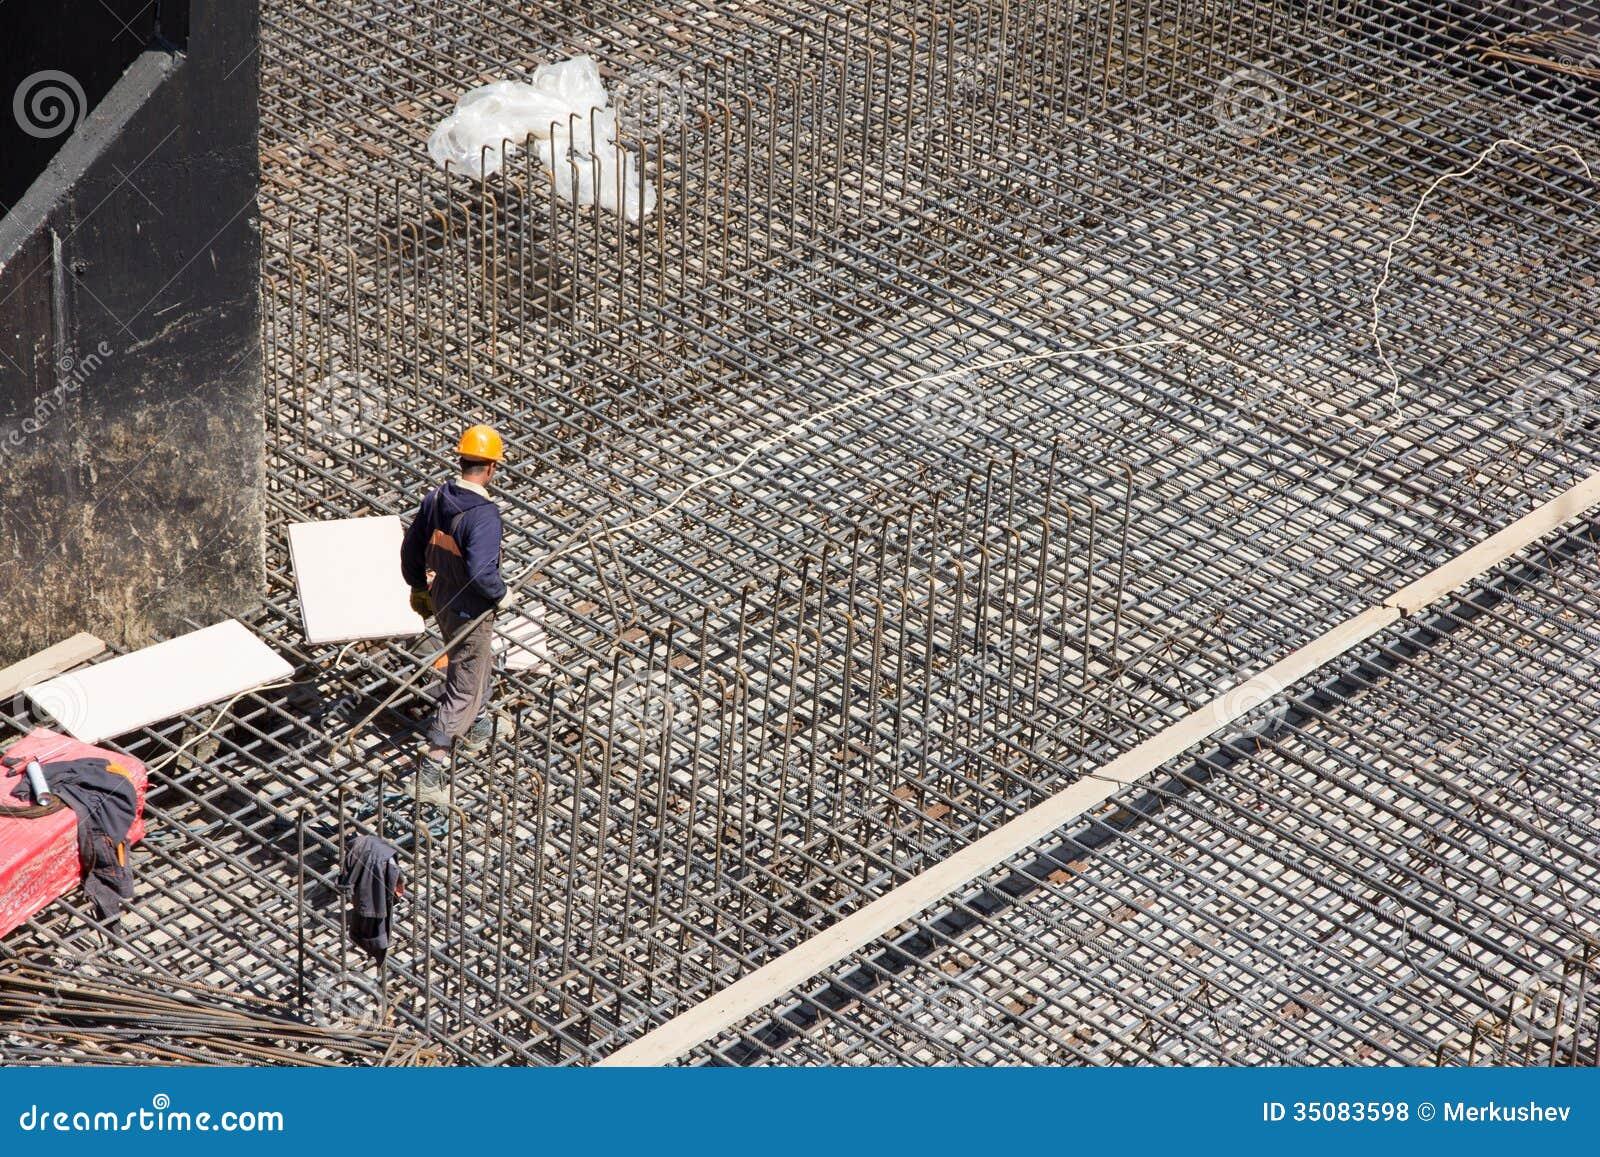 Precast Concrete Curb Reinforcement : Workers make reinforcement for concrete foundation stock